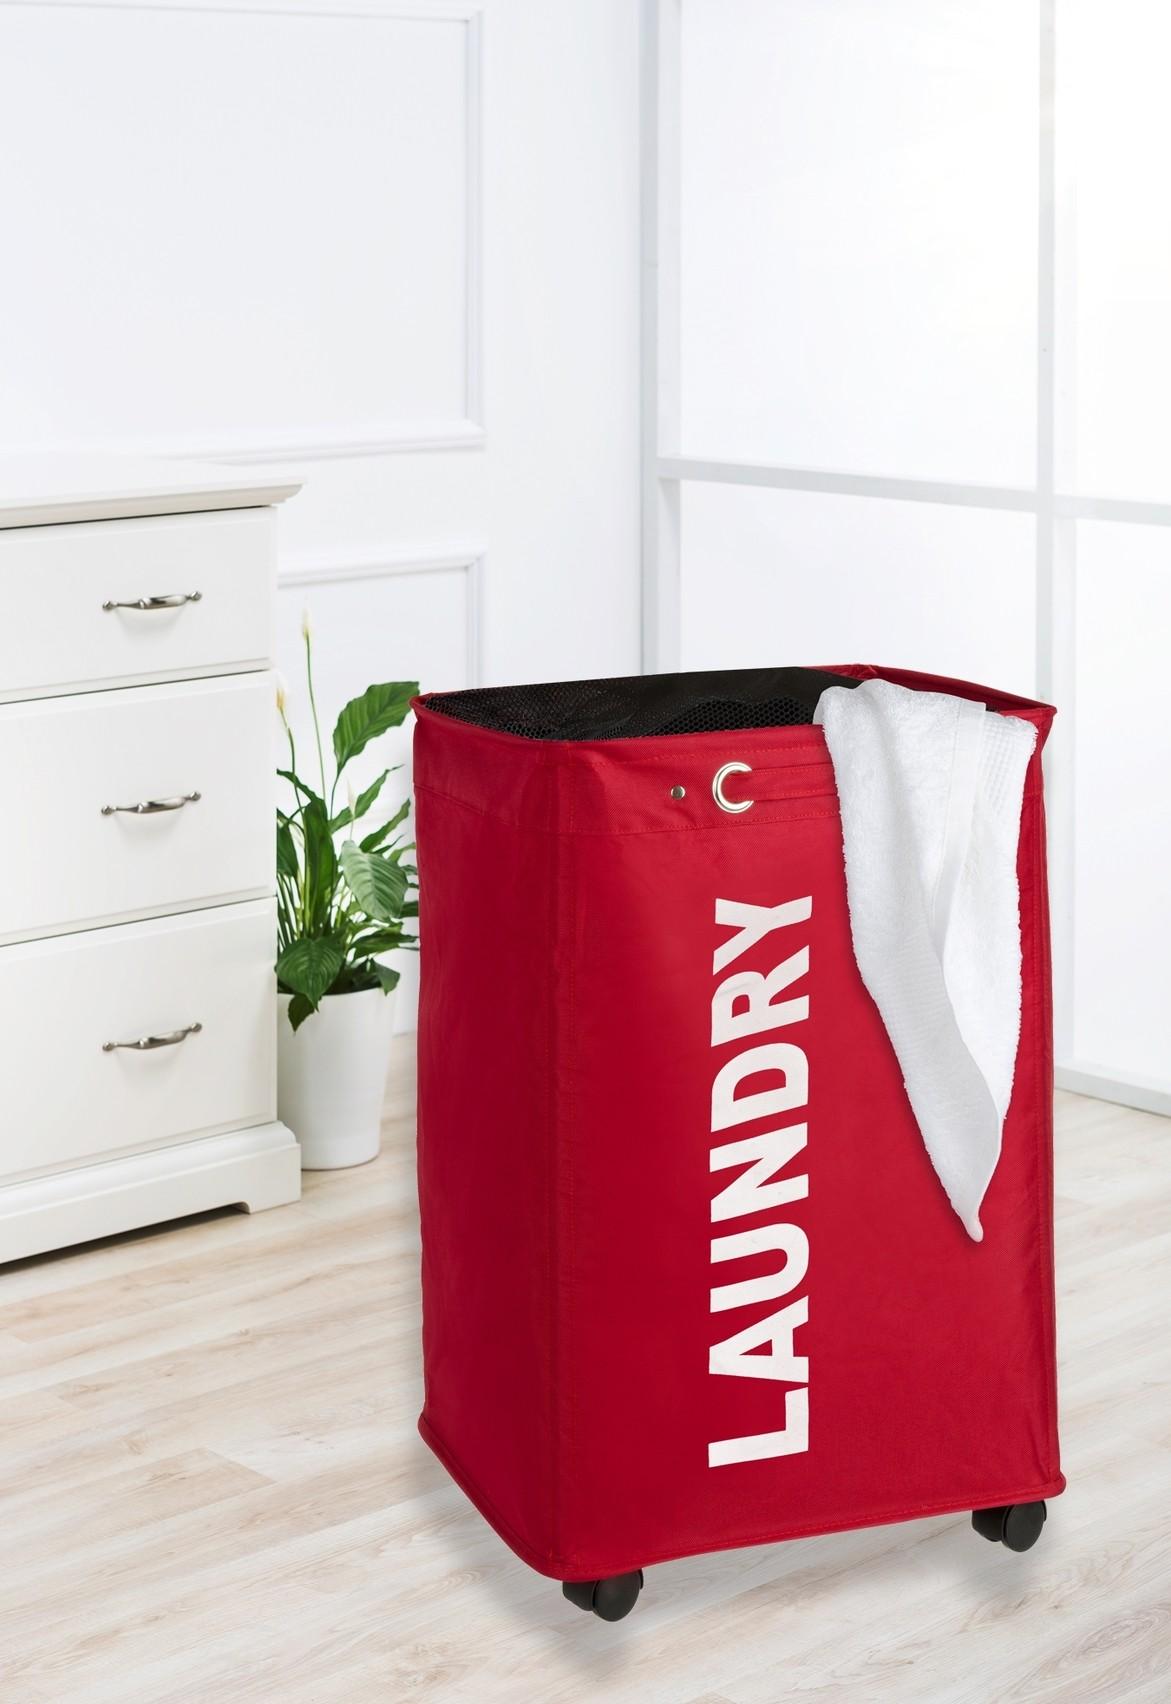 Wenko Wäschesammler Quadro Rot, Wäschekorb, 79 l